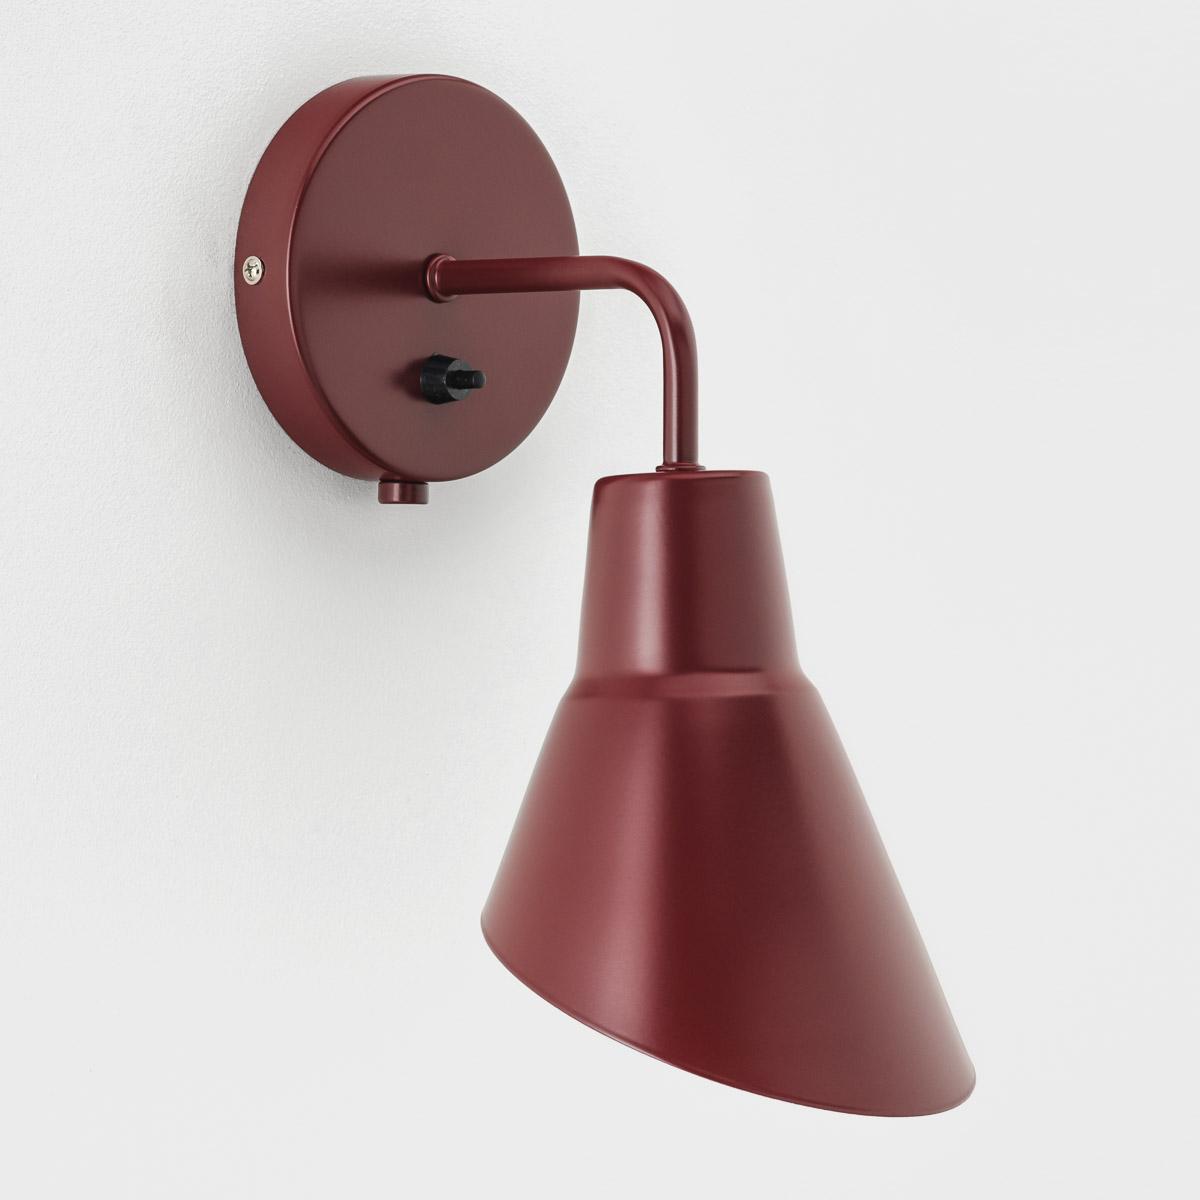 Настенный светильник Nils бордовый